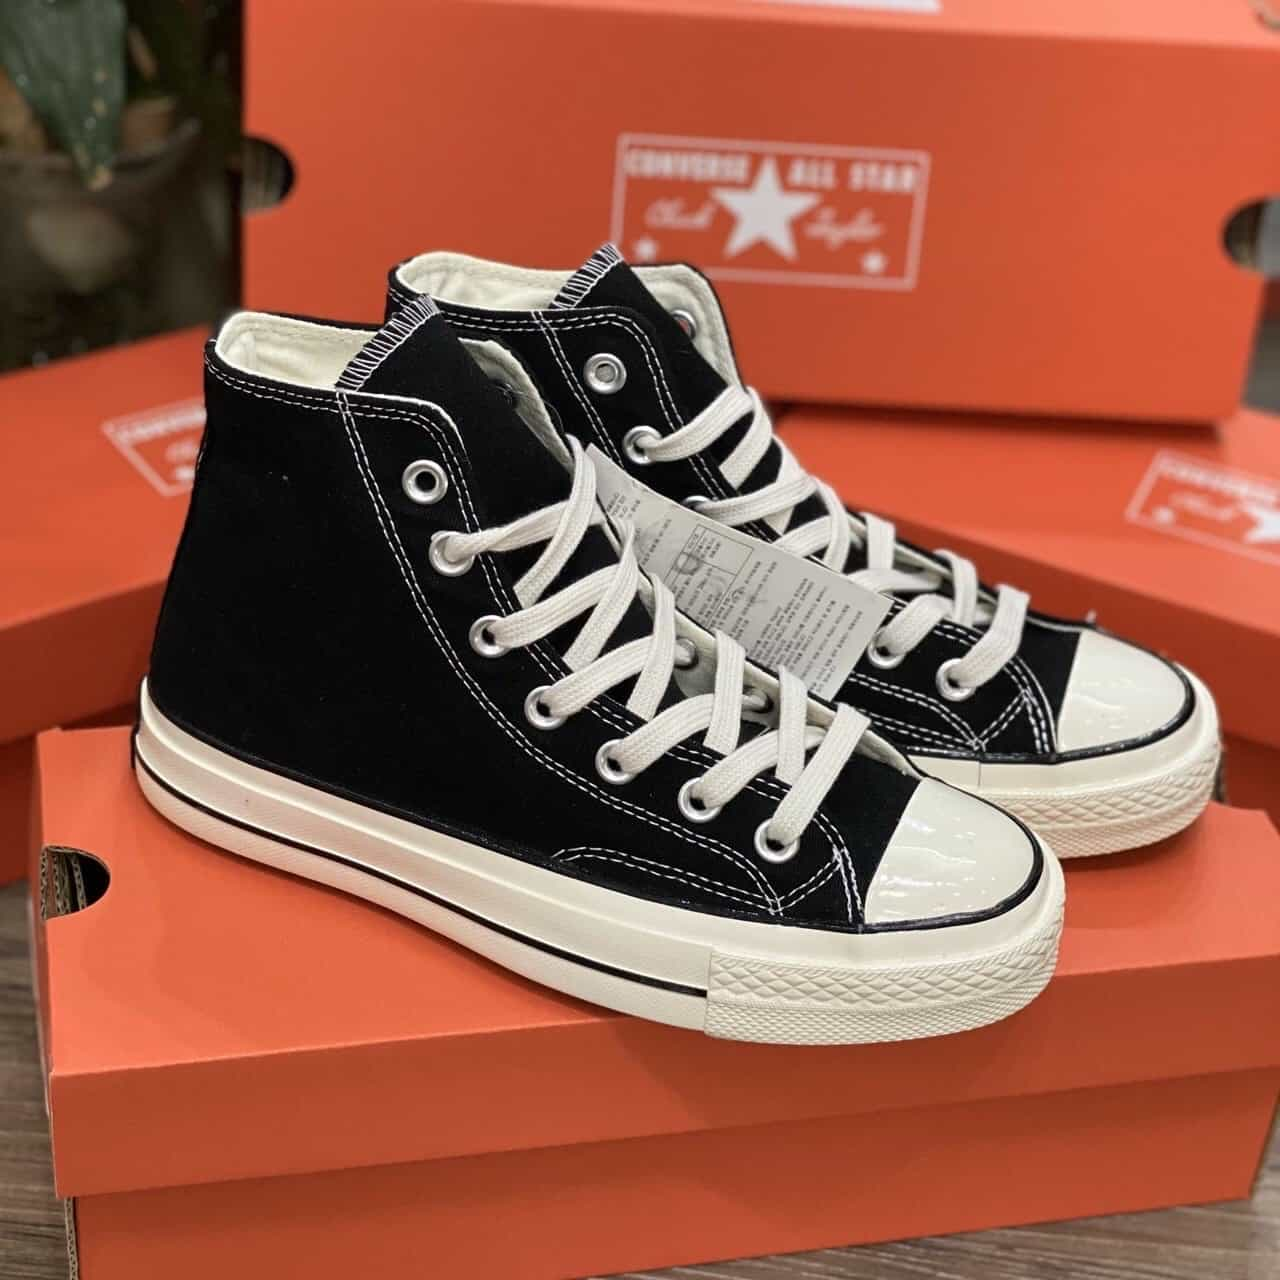 Converse cổ cao màu đen được xem là đôi giày quốc dân